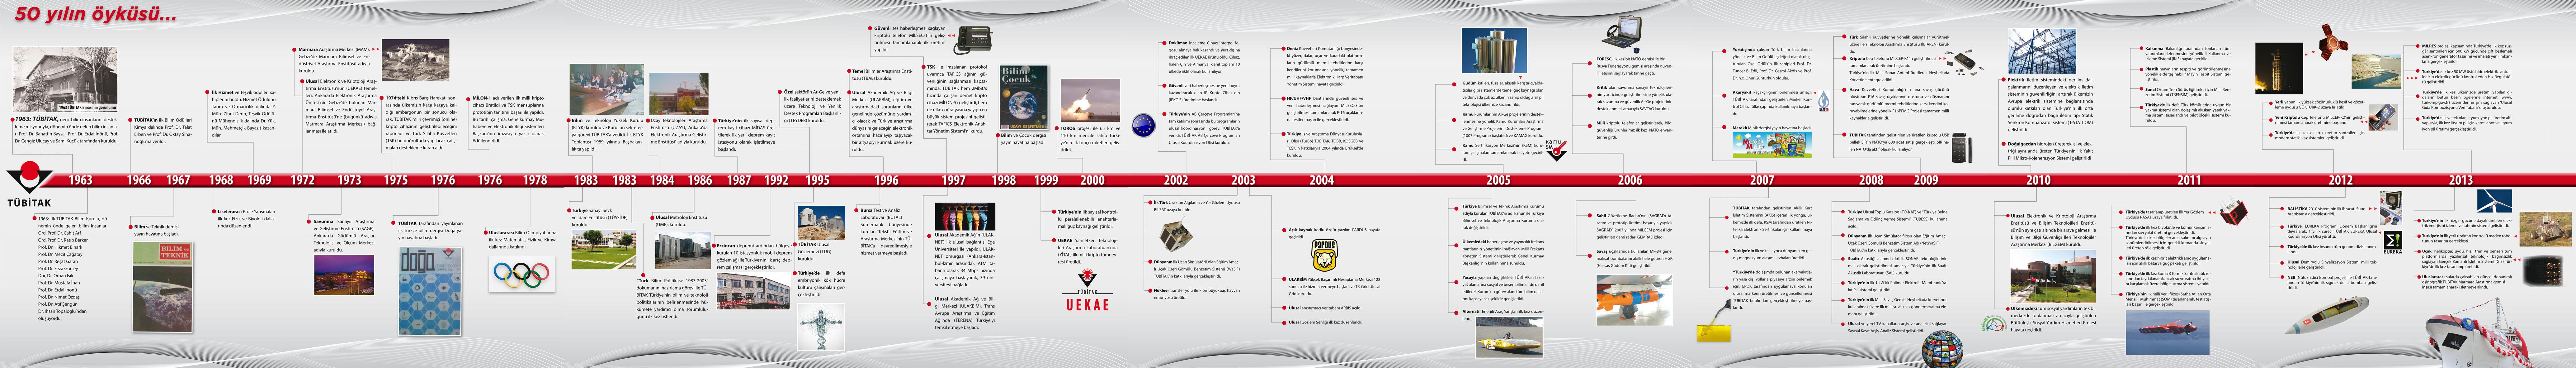 Tübitak infografiği